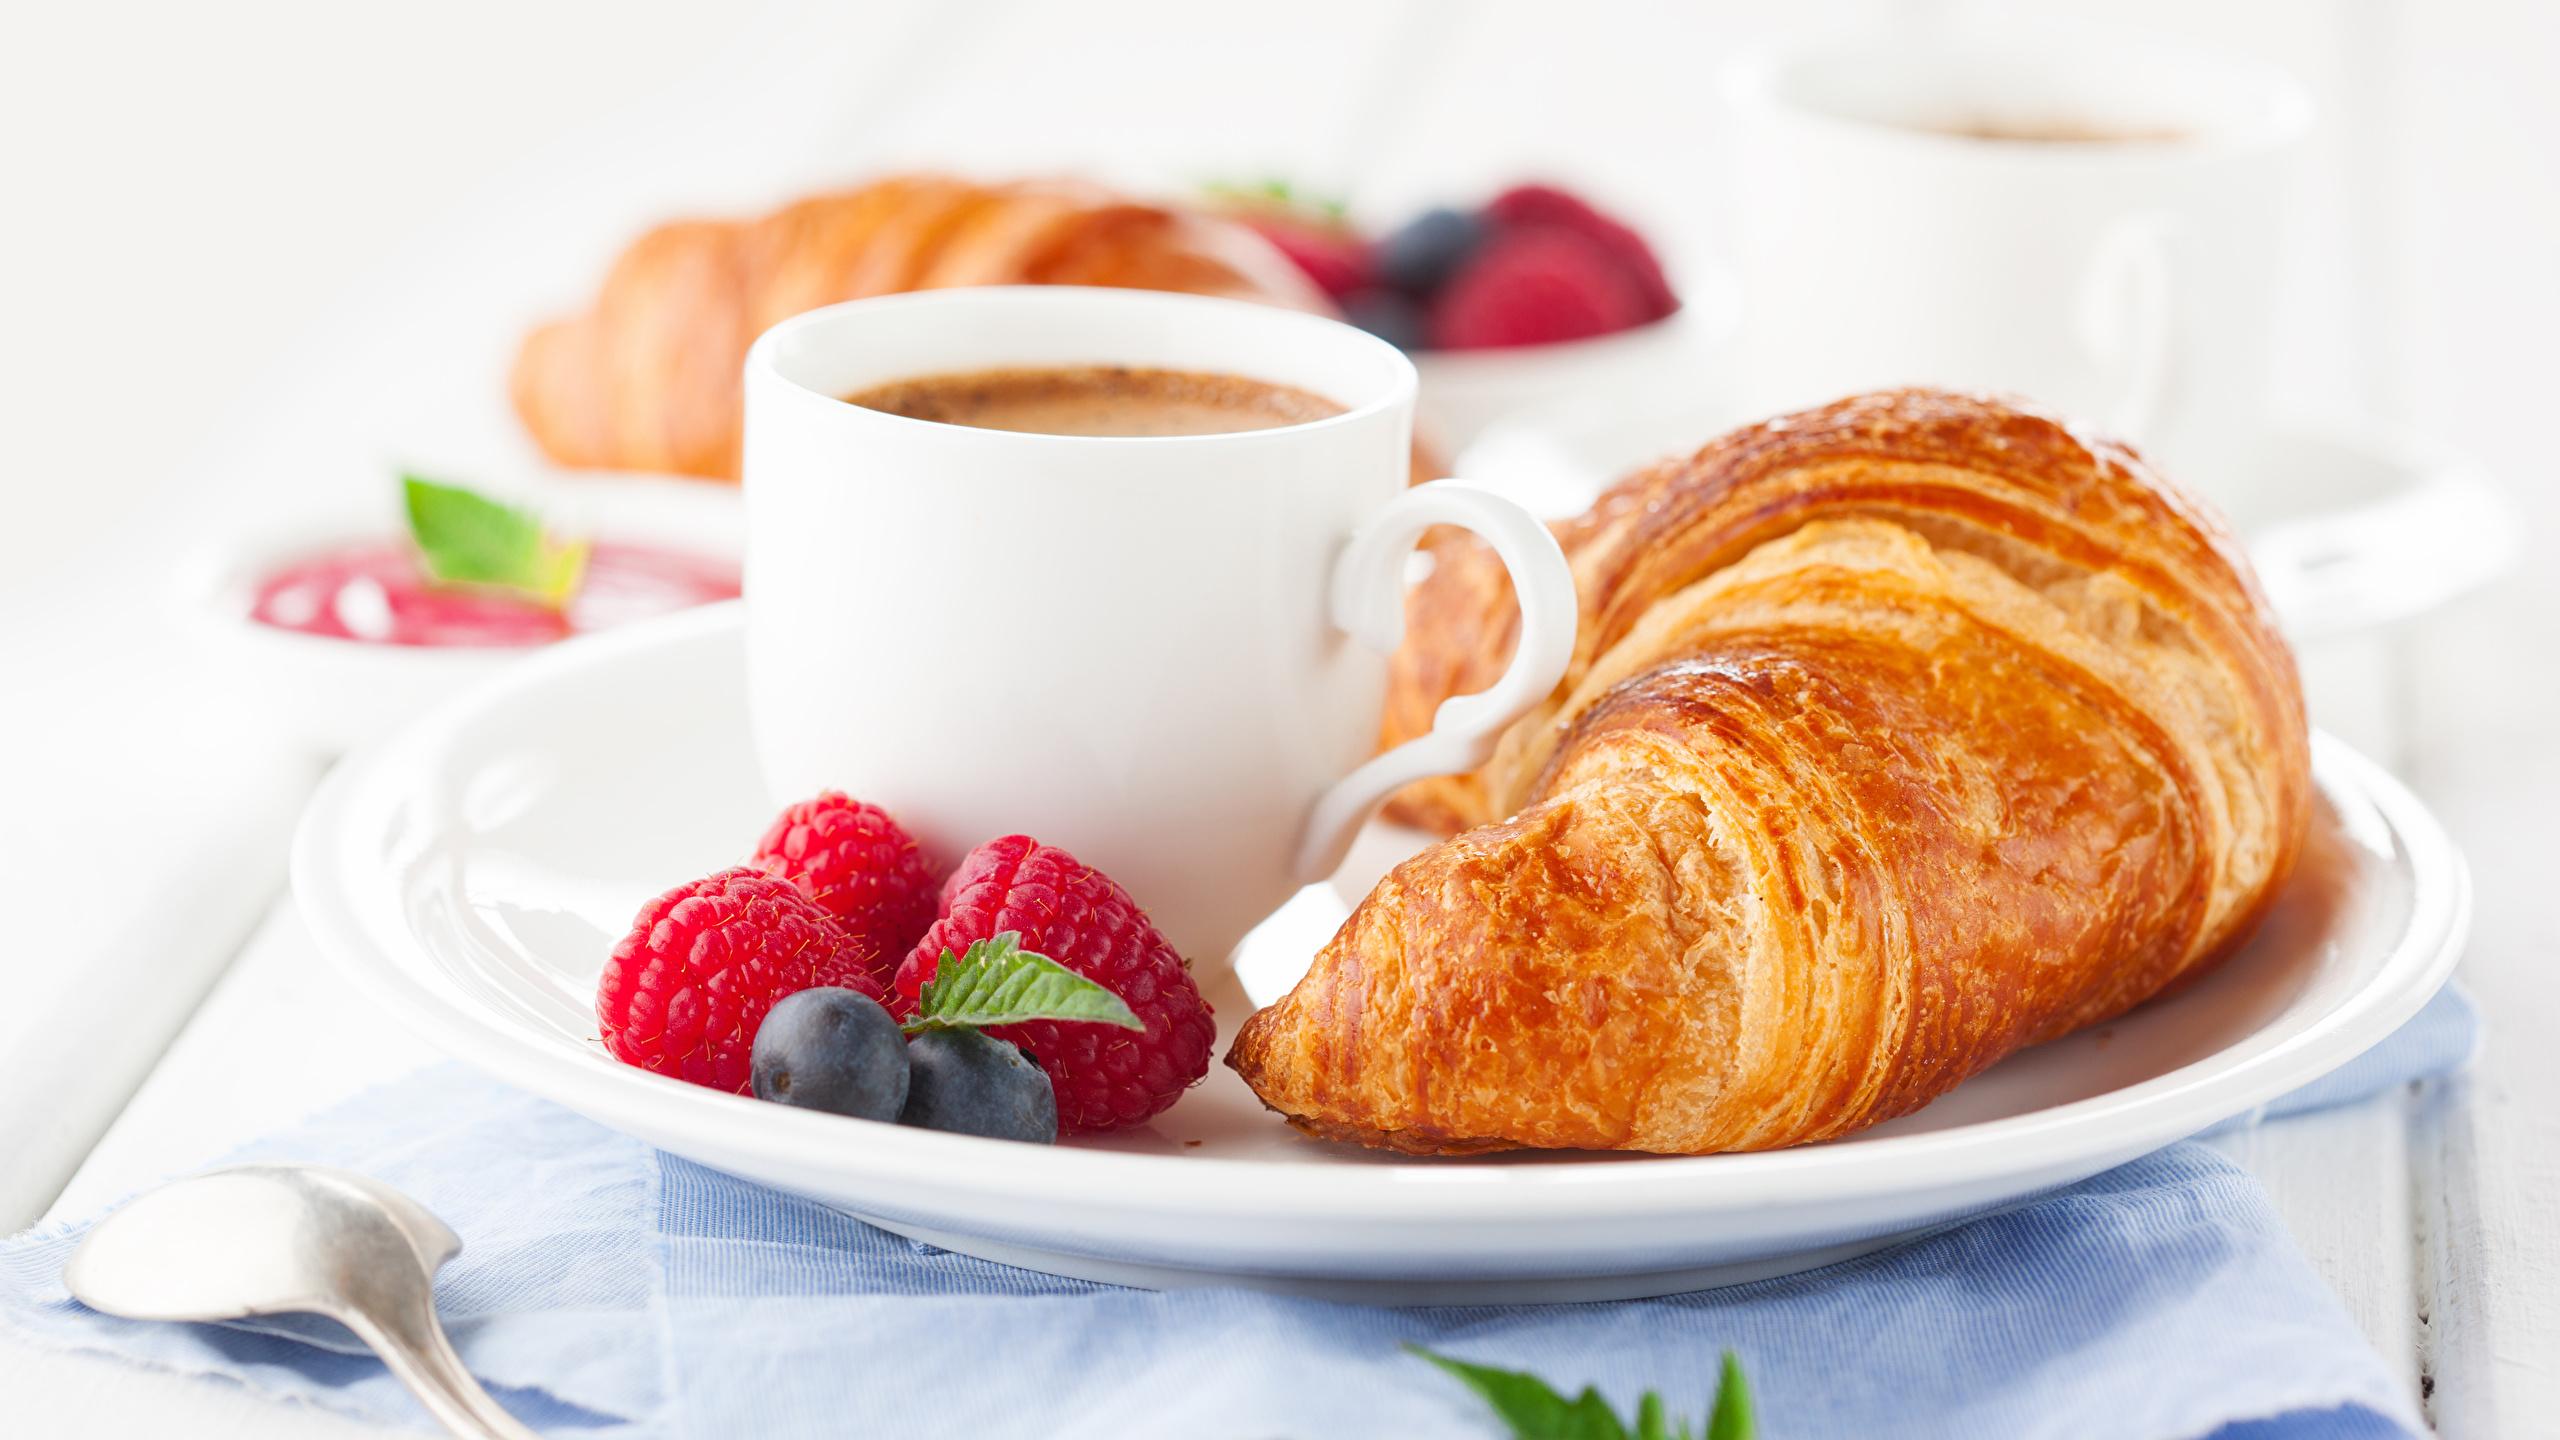 Bilder von Kaffee Croissant Frühstück Himbeeren Heidelbeeren Tasse Lebensmittel 2560x1440